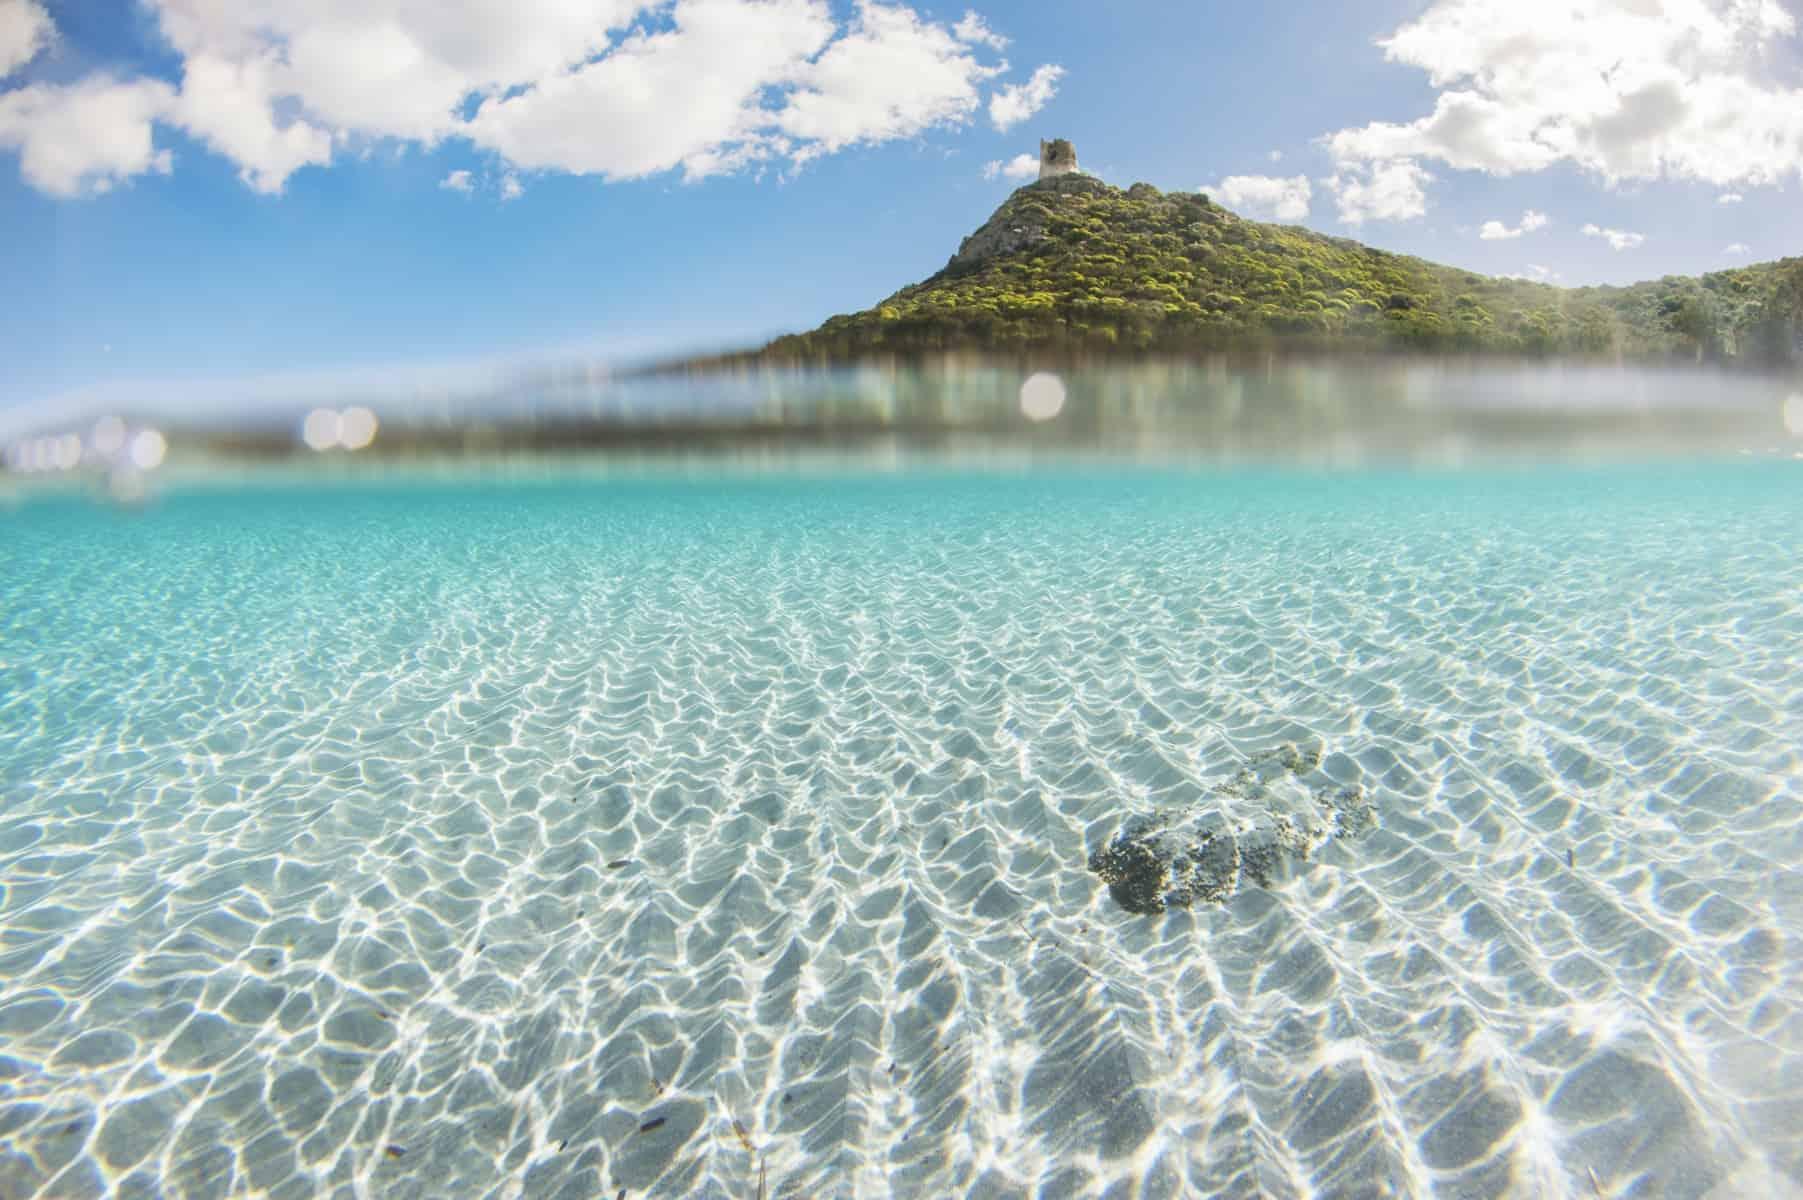 Crystalline water of Villasimius beach